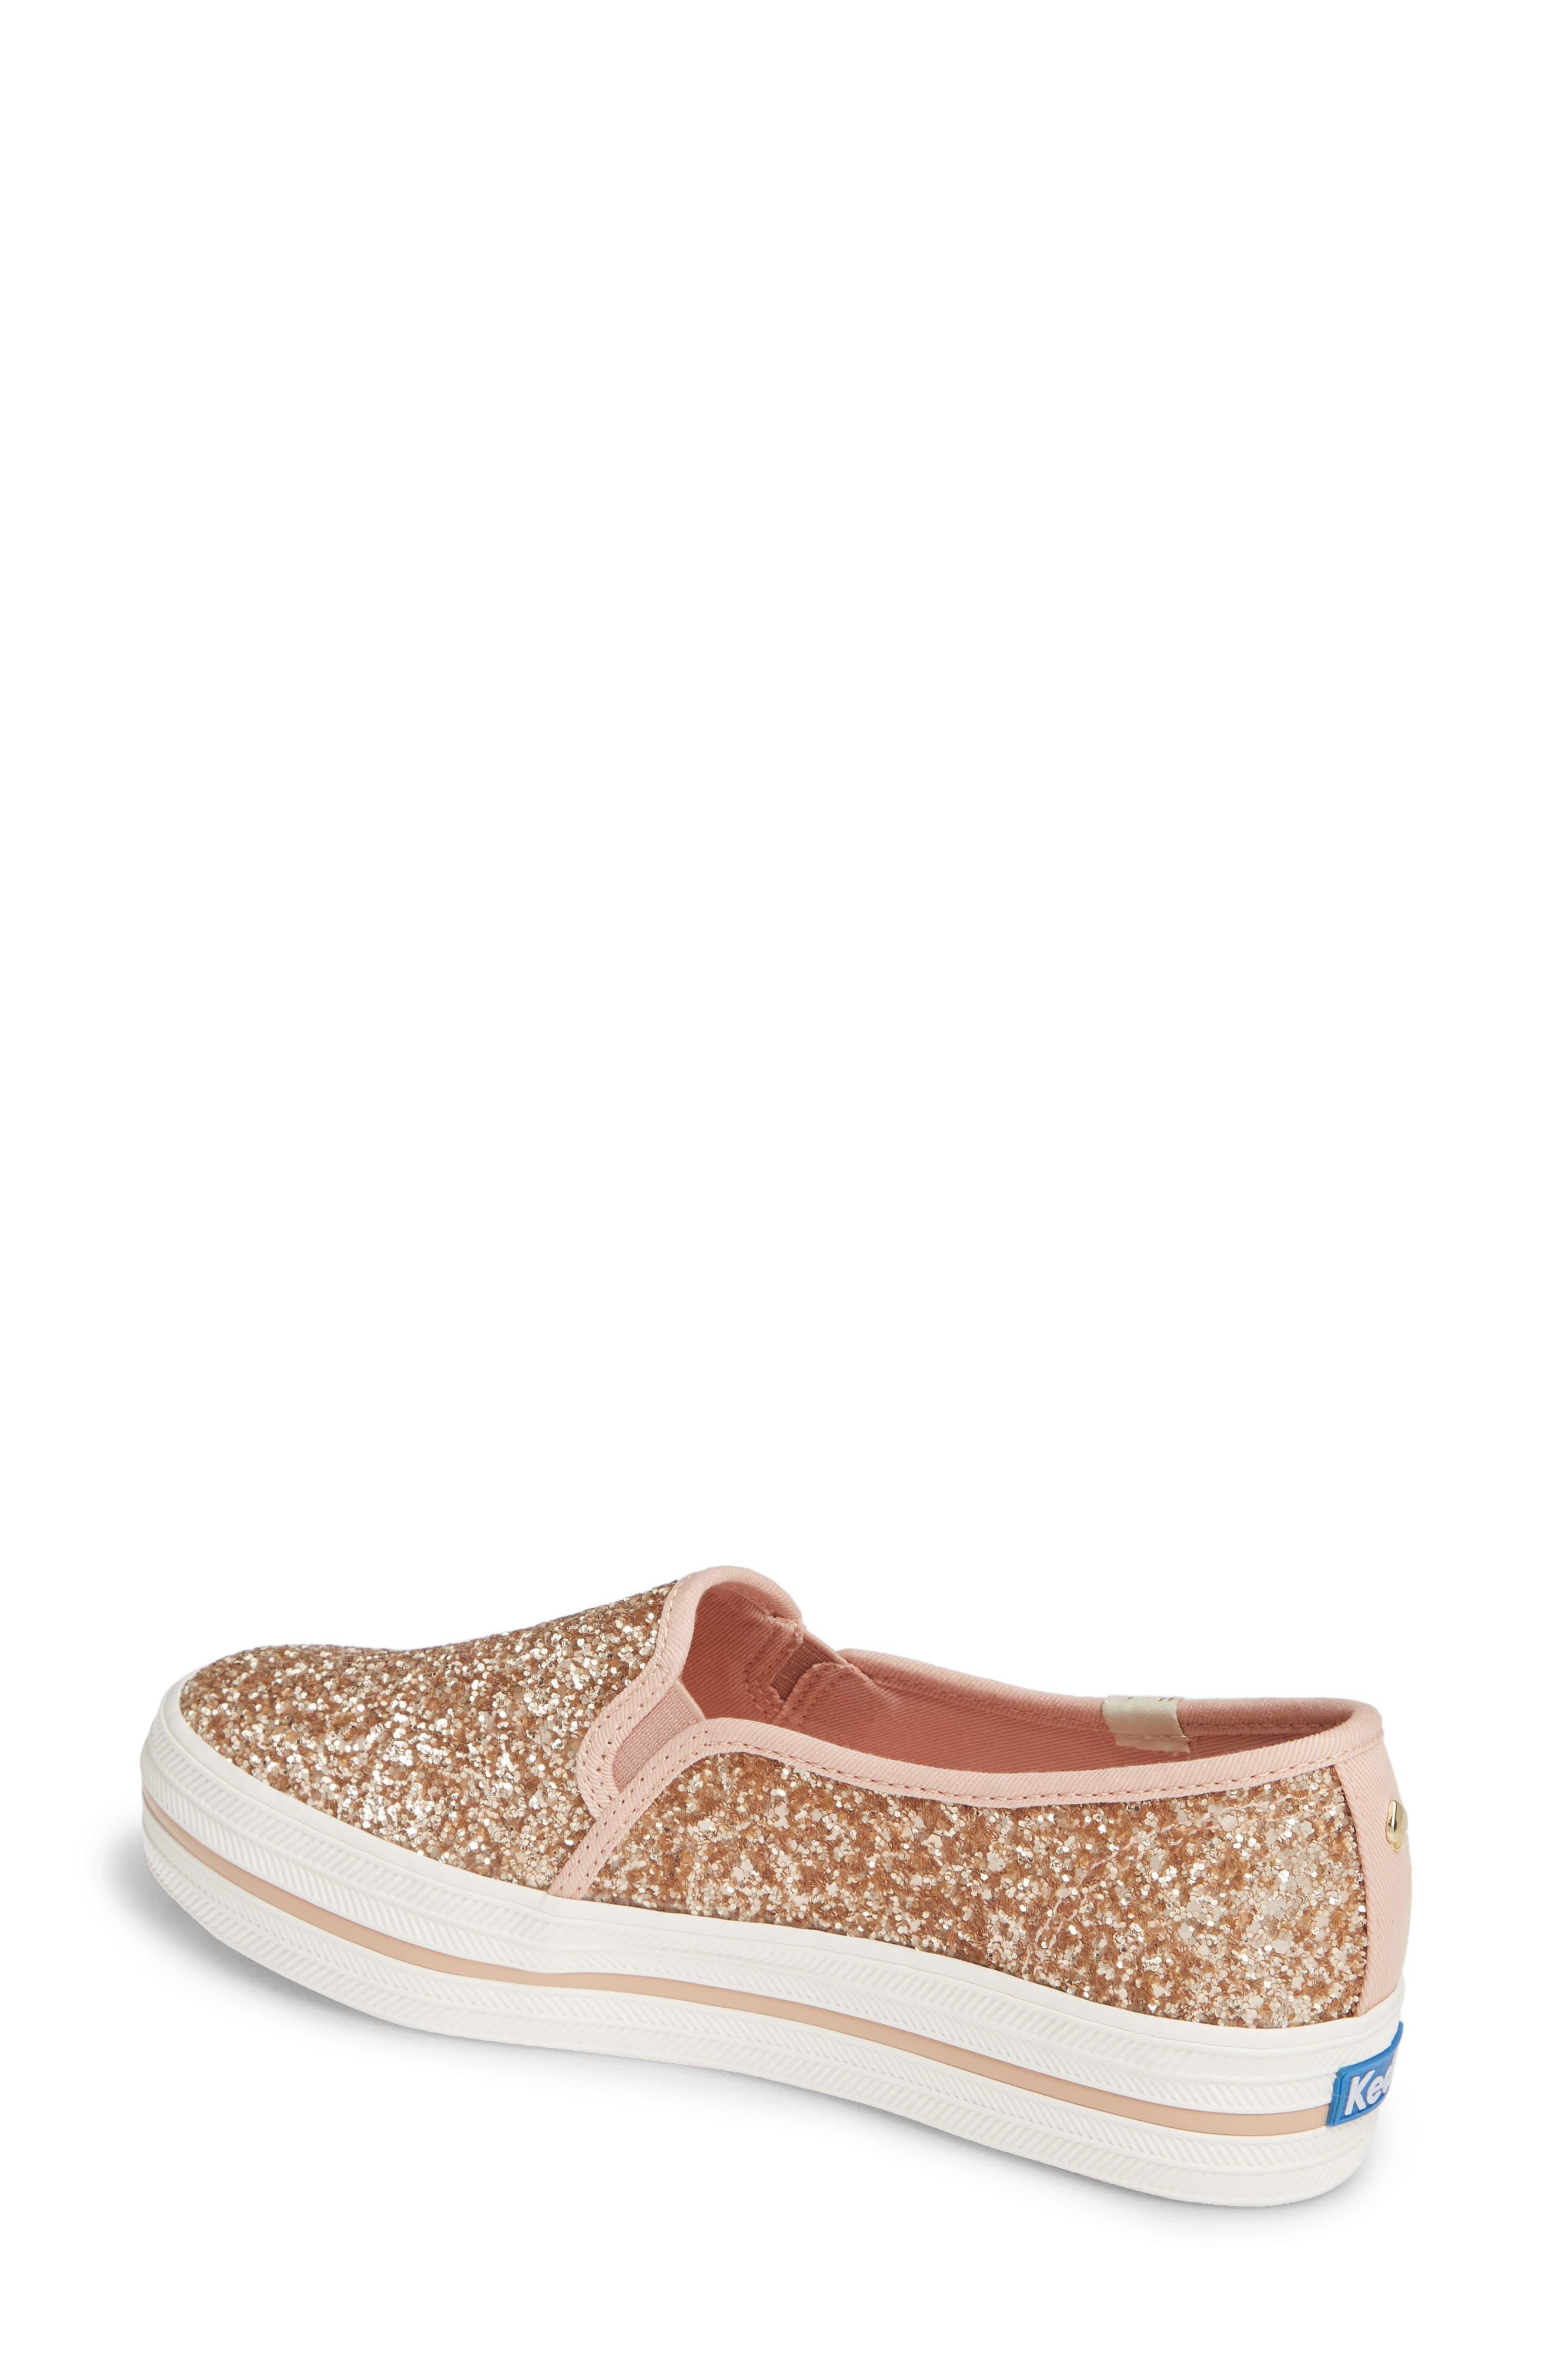 triple decker glitter slip-on sneaker,                             Alternate thumbnail 2, color,                             ROSE GOLD